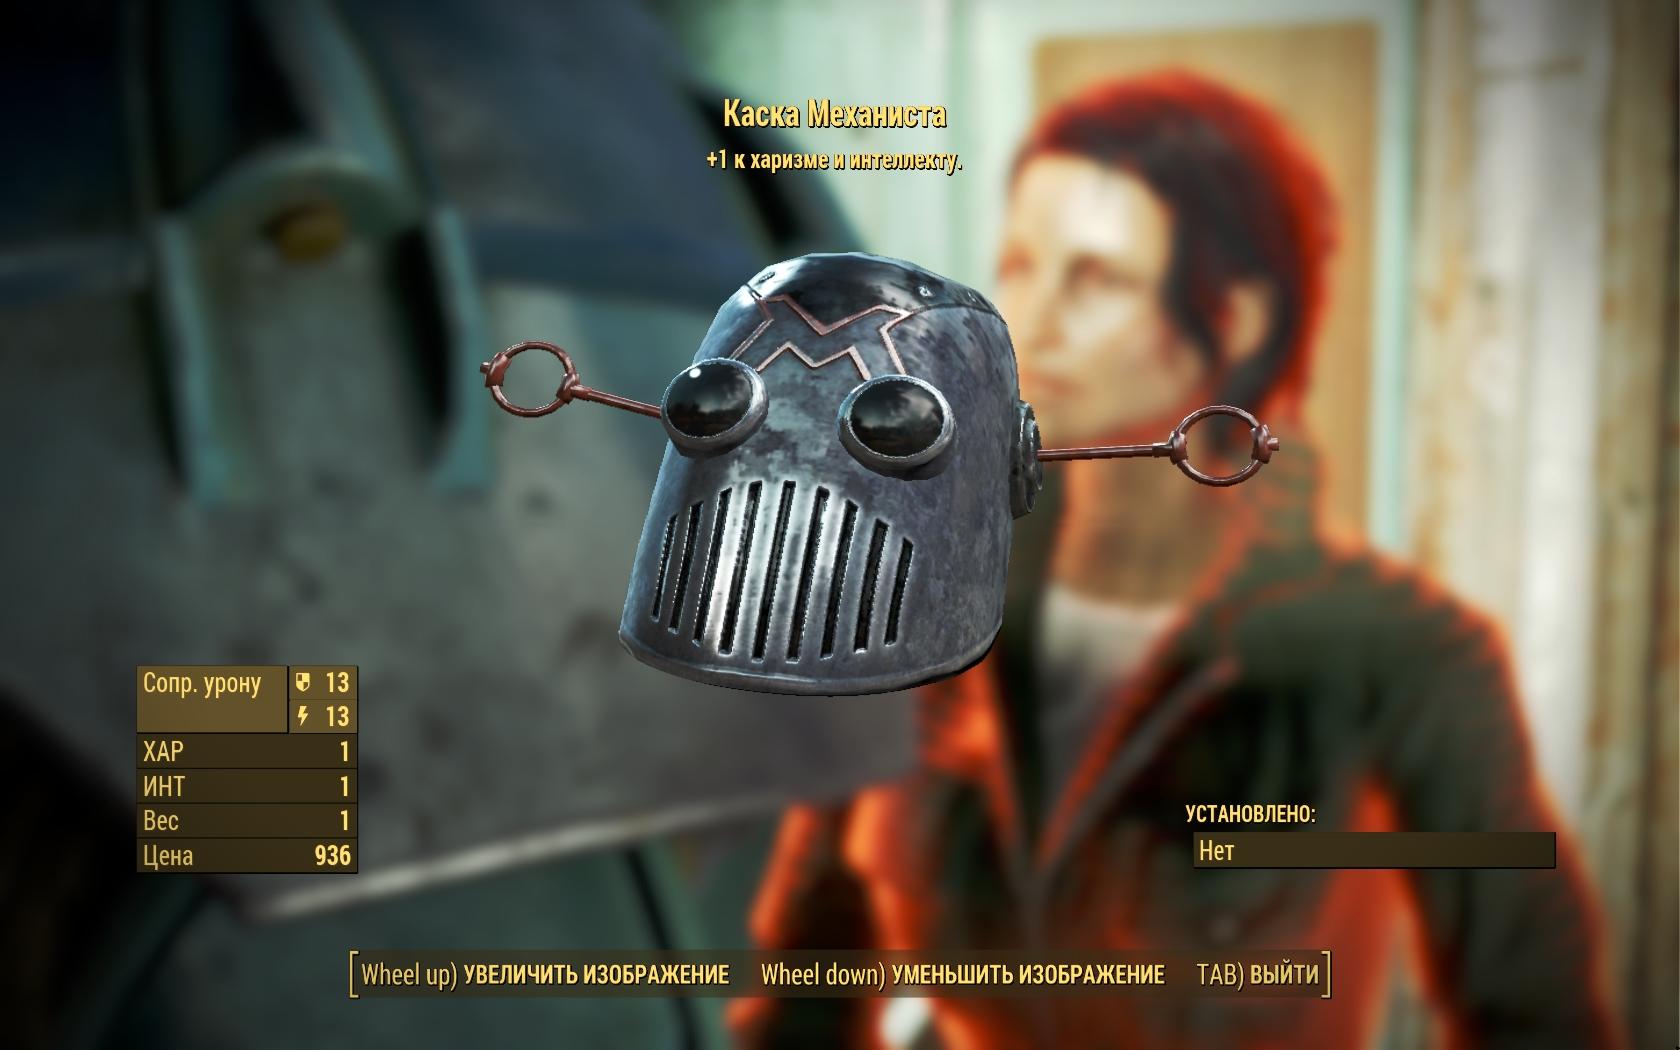 Каска Механиста - Fallout 4 Иcабель, Иcабель Крус, Каска, Каска Механиста, Крус, Логово Механиста, Механист, Одежда